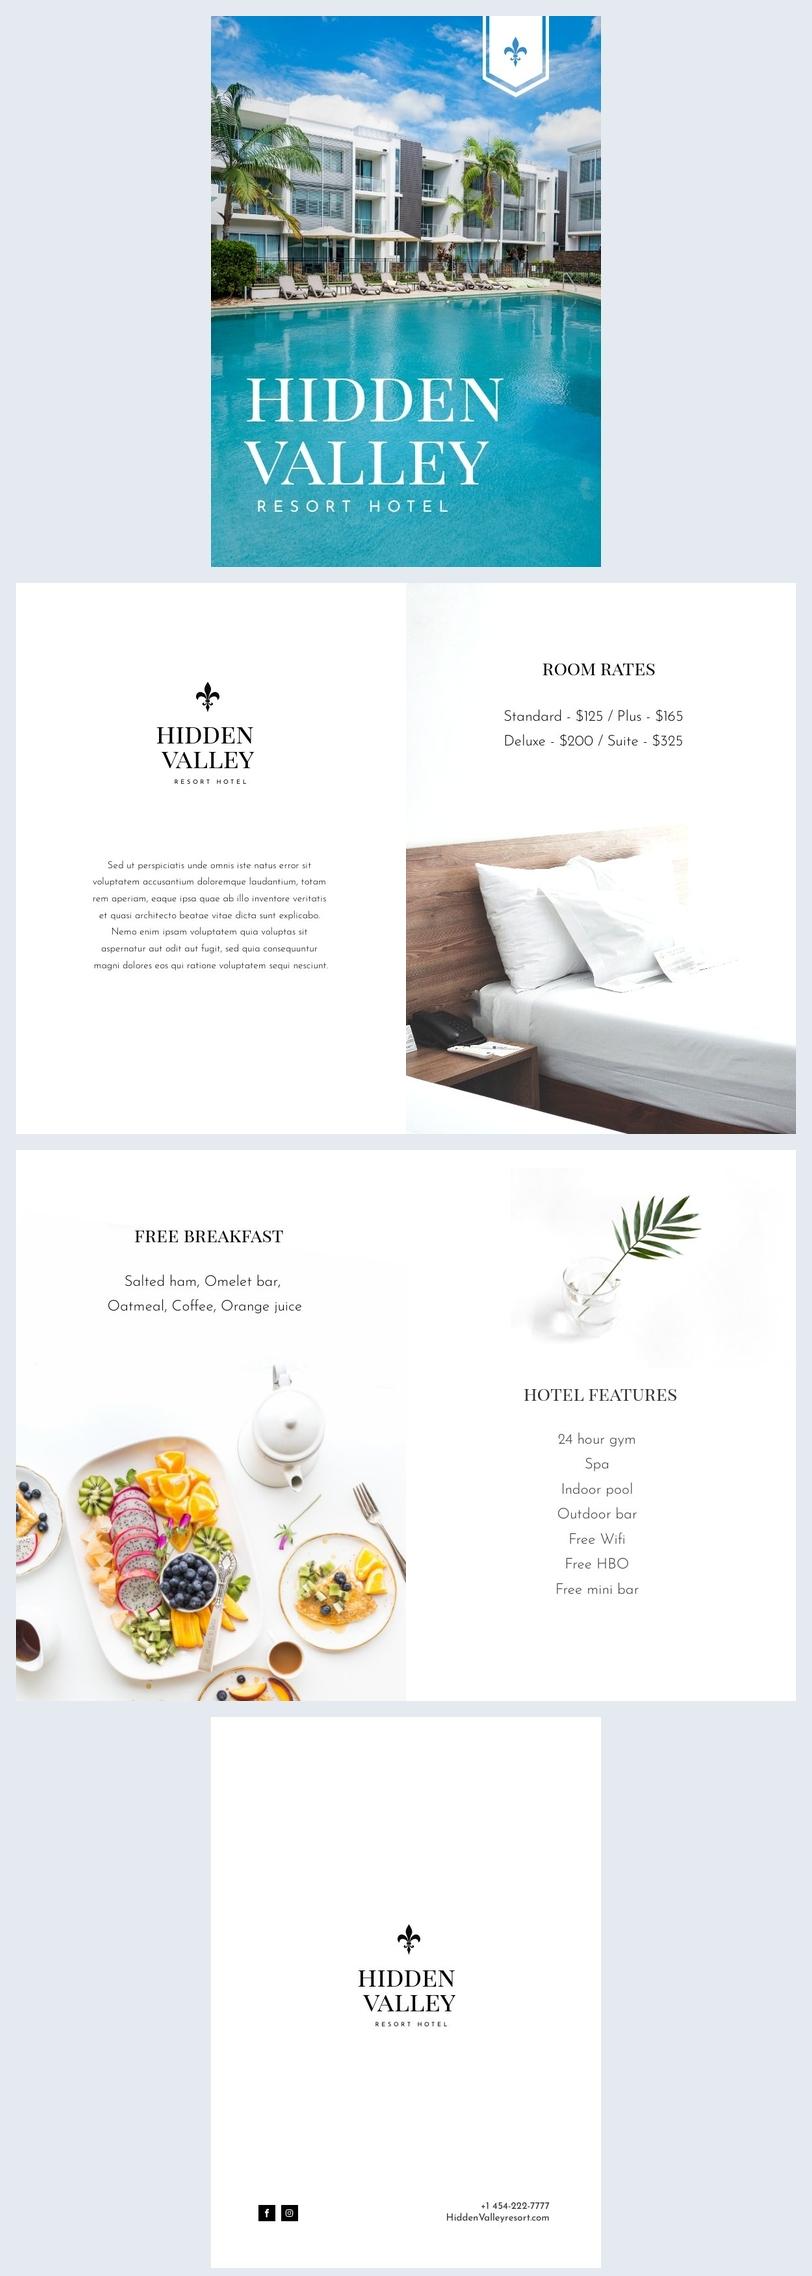 Hotel broschüre layout design